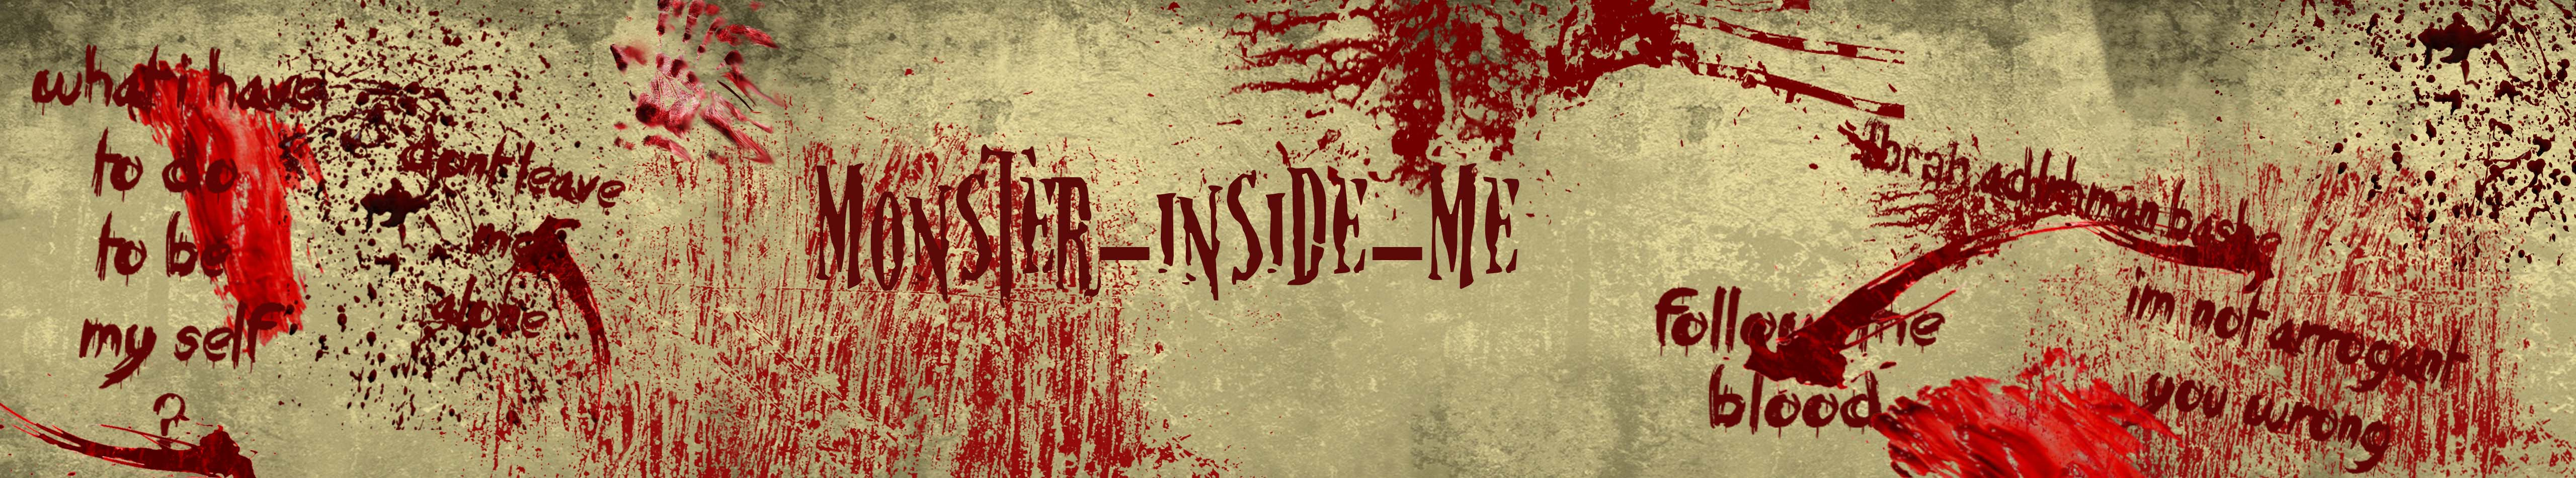 Monster Inside me - Demo